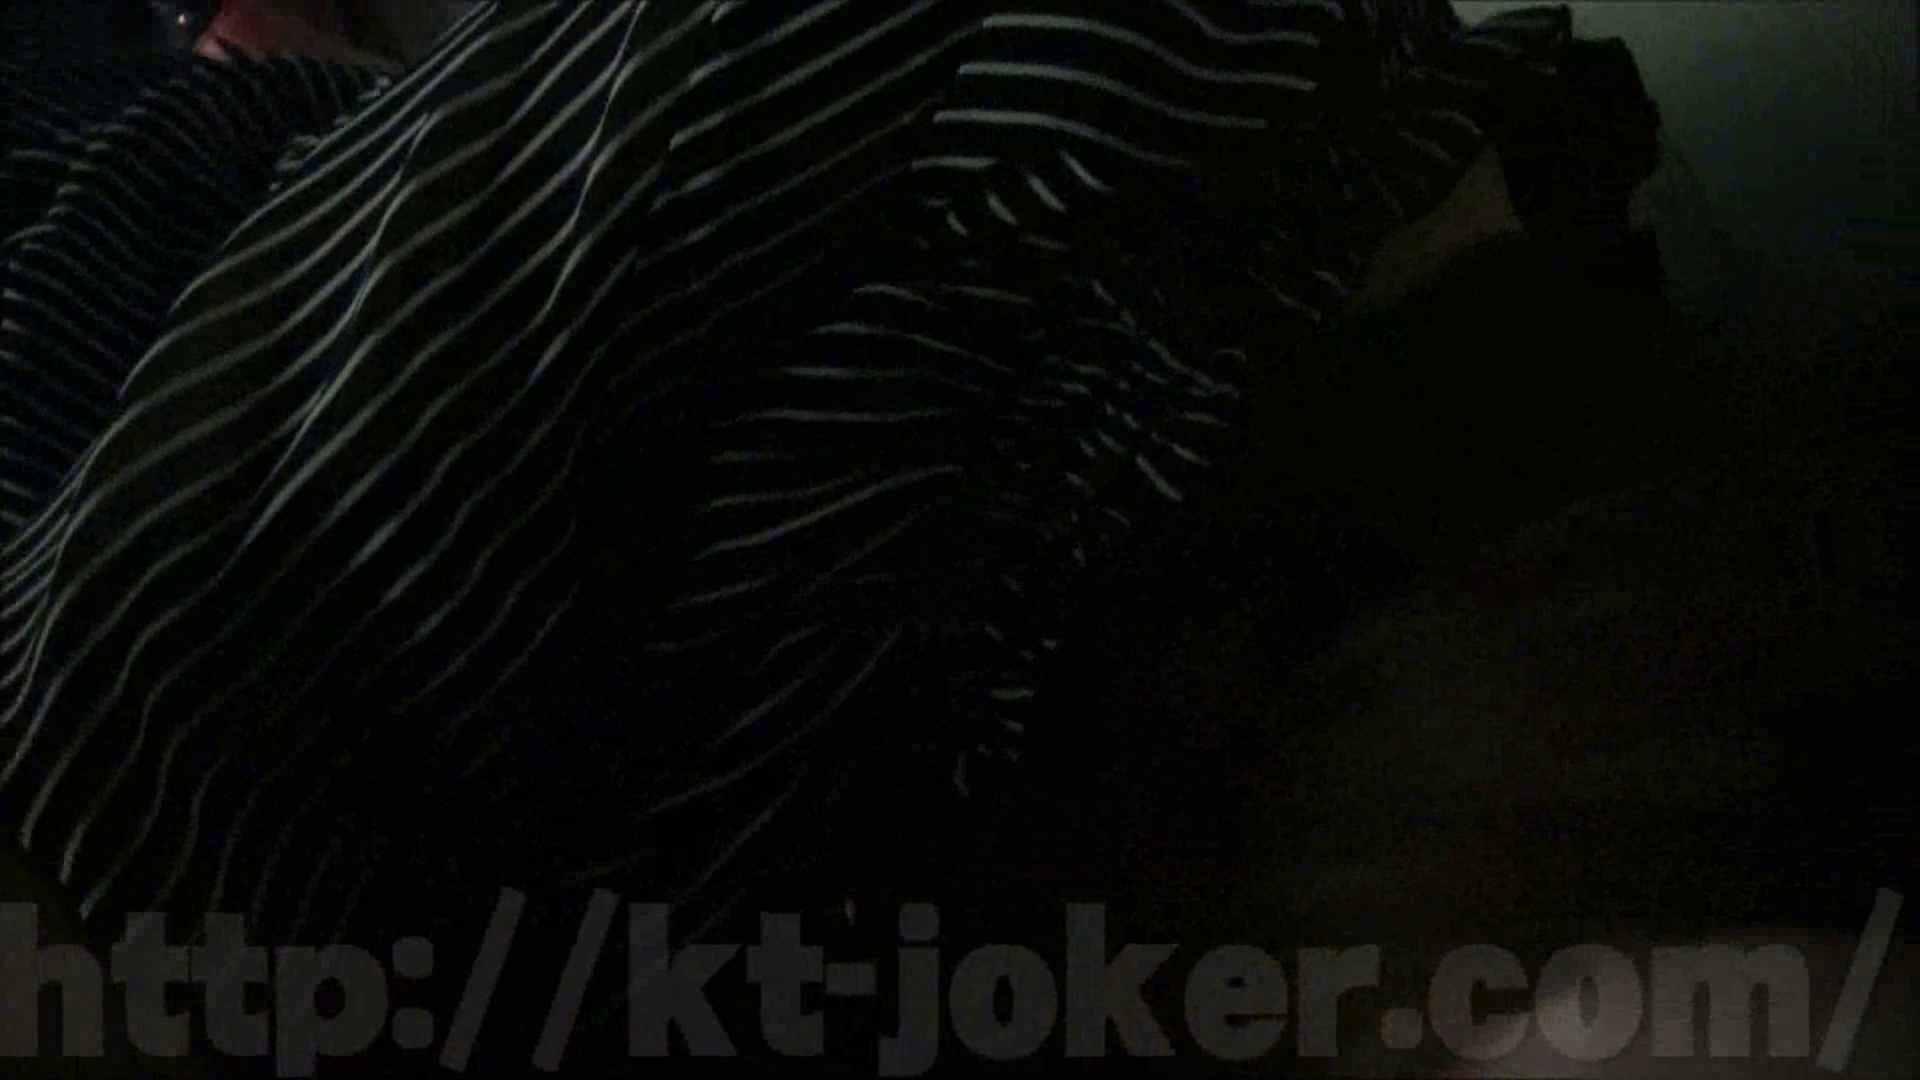 イ・タ・ズ・ラ劇場 Vol.32 女子大生 盗み撮りオマンコ動画キャプチャ 92画像 2